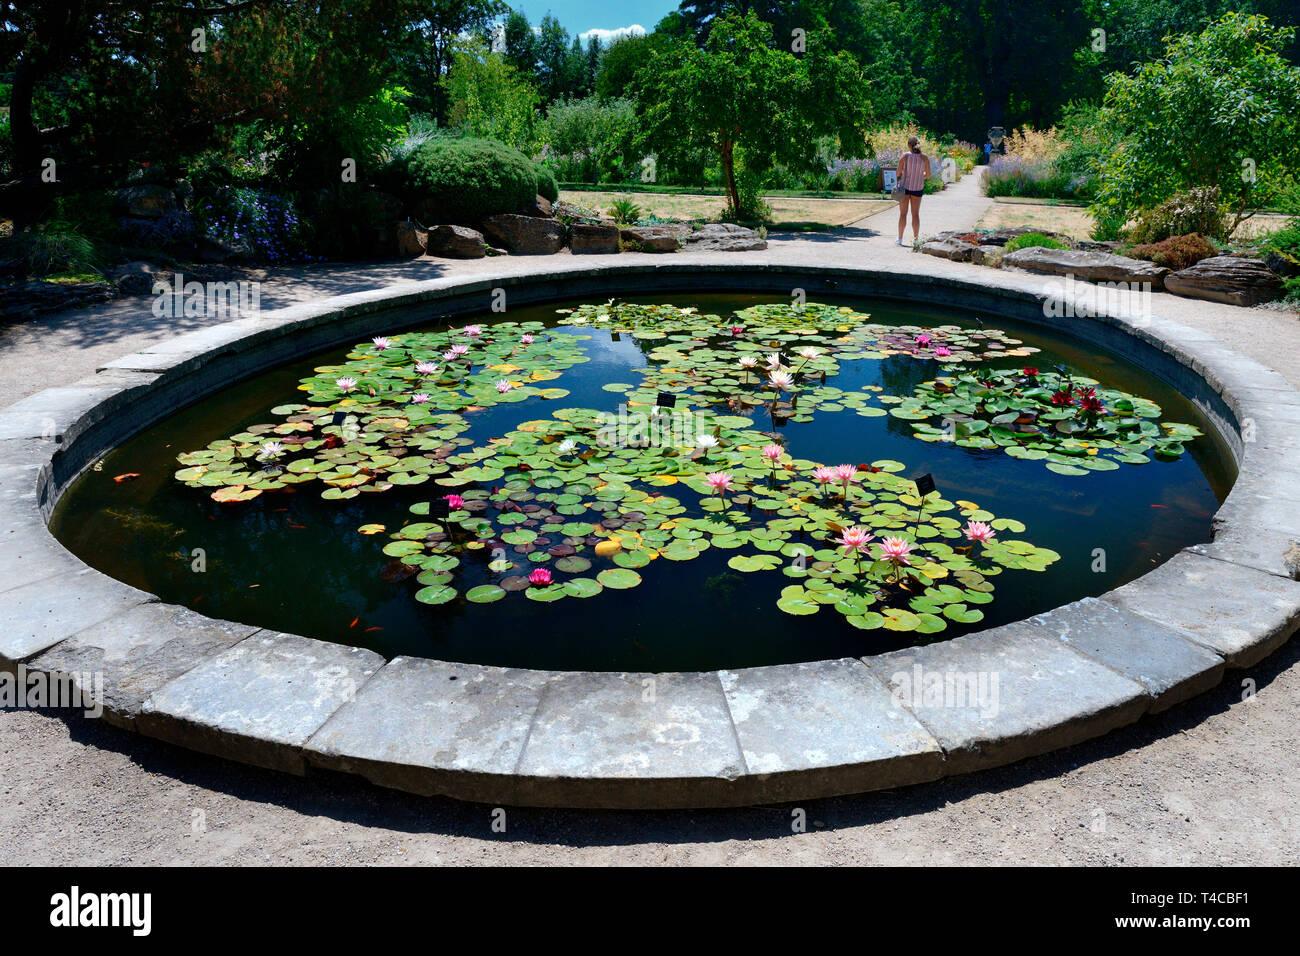 Seerosenteich, Botanischer Garten, Oxford, Oxfordshire, England, Grossbritannien - Stock Image